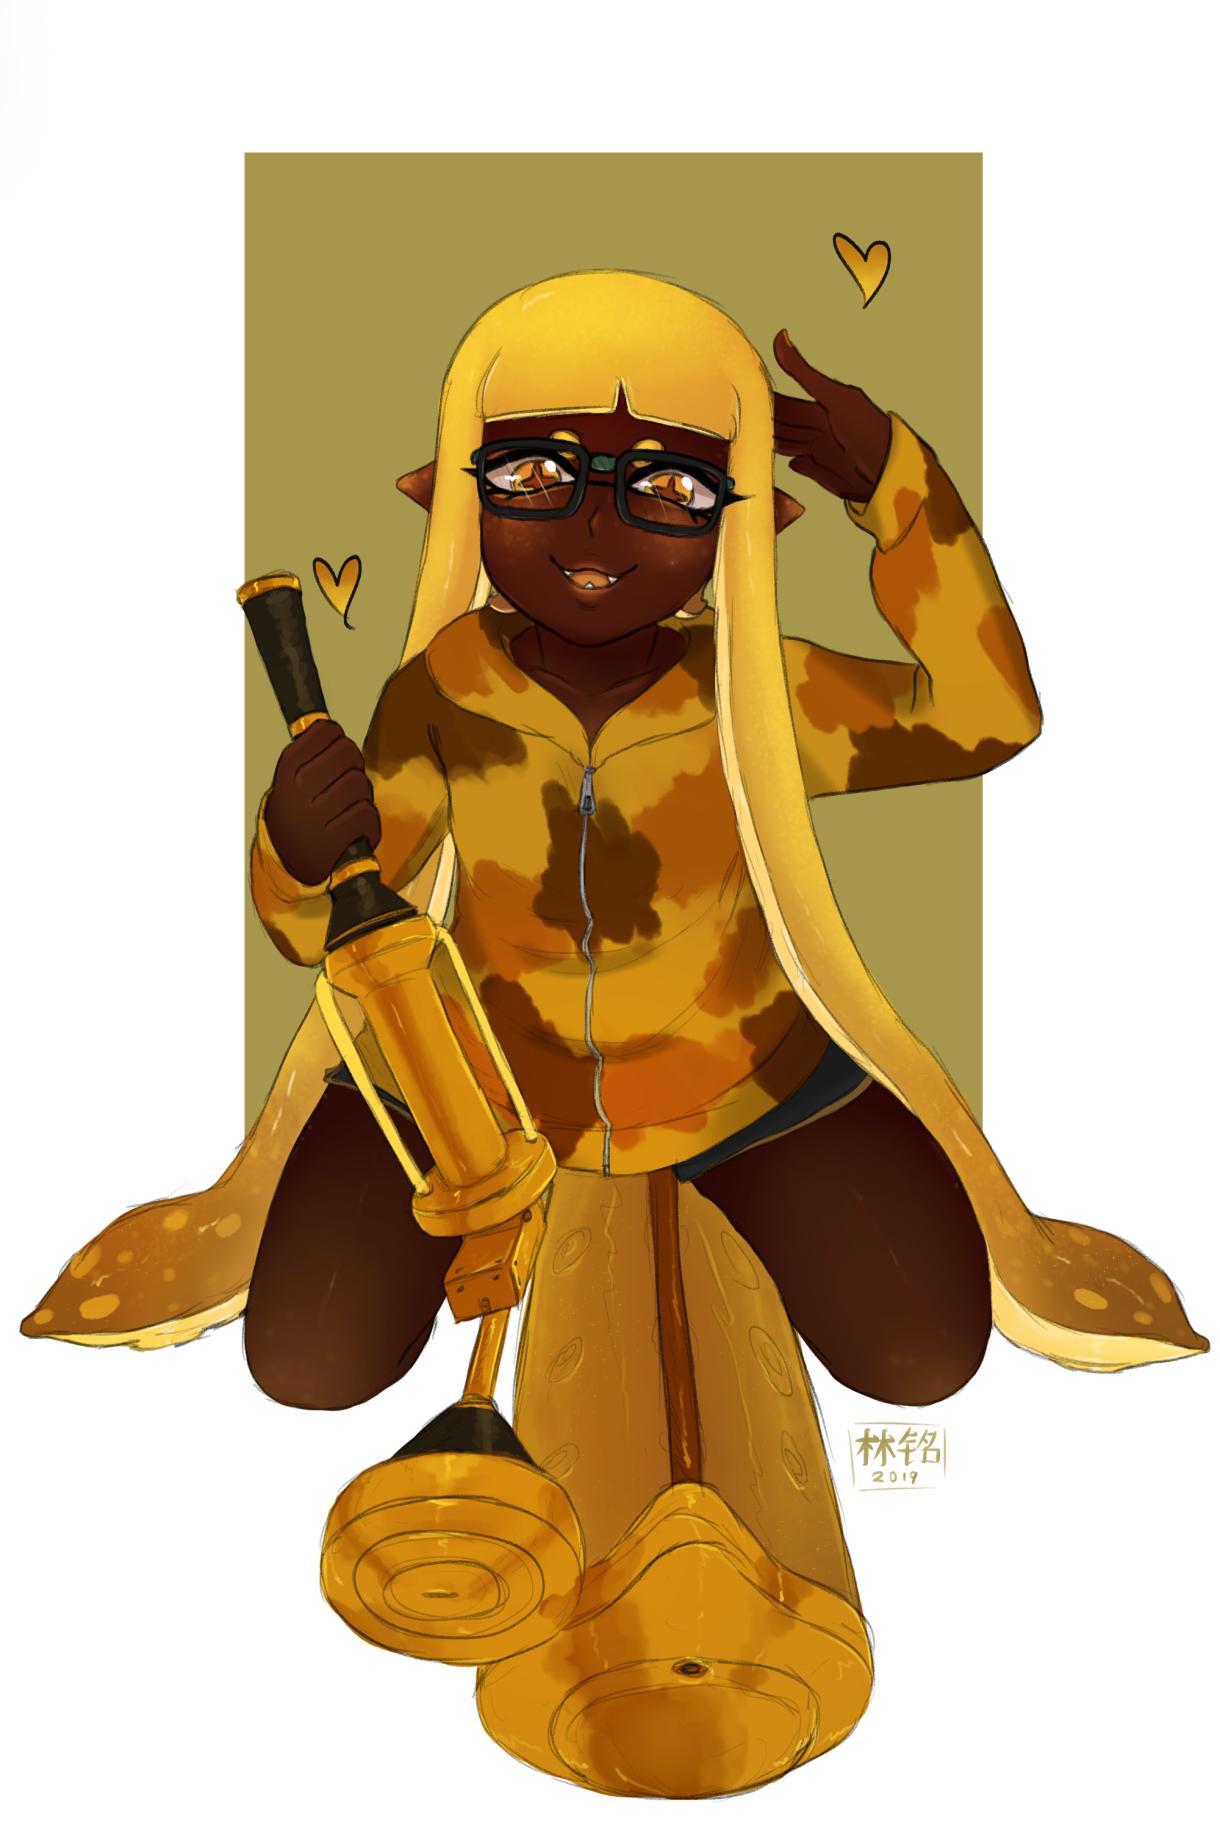 Golden Girl [Splatoon OC]